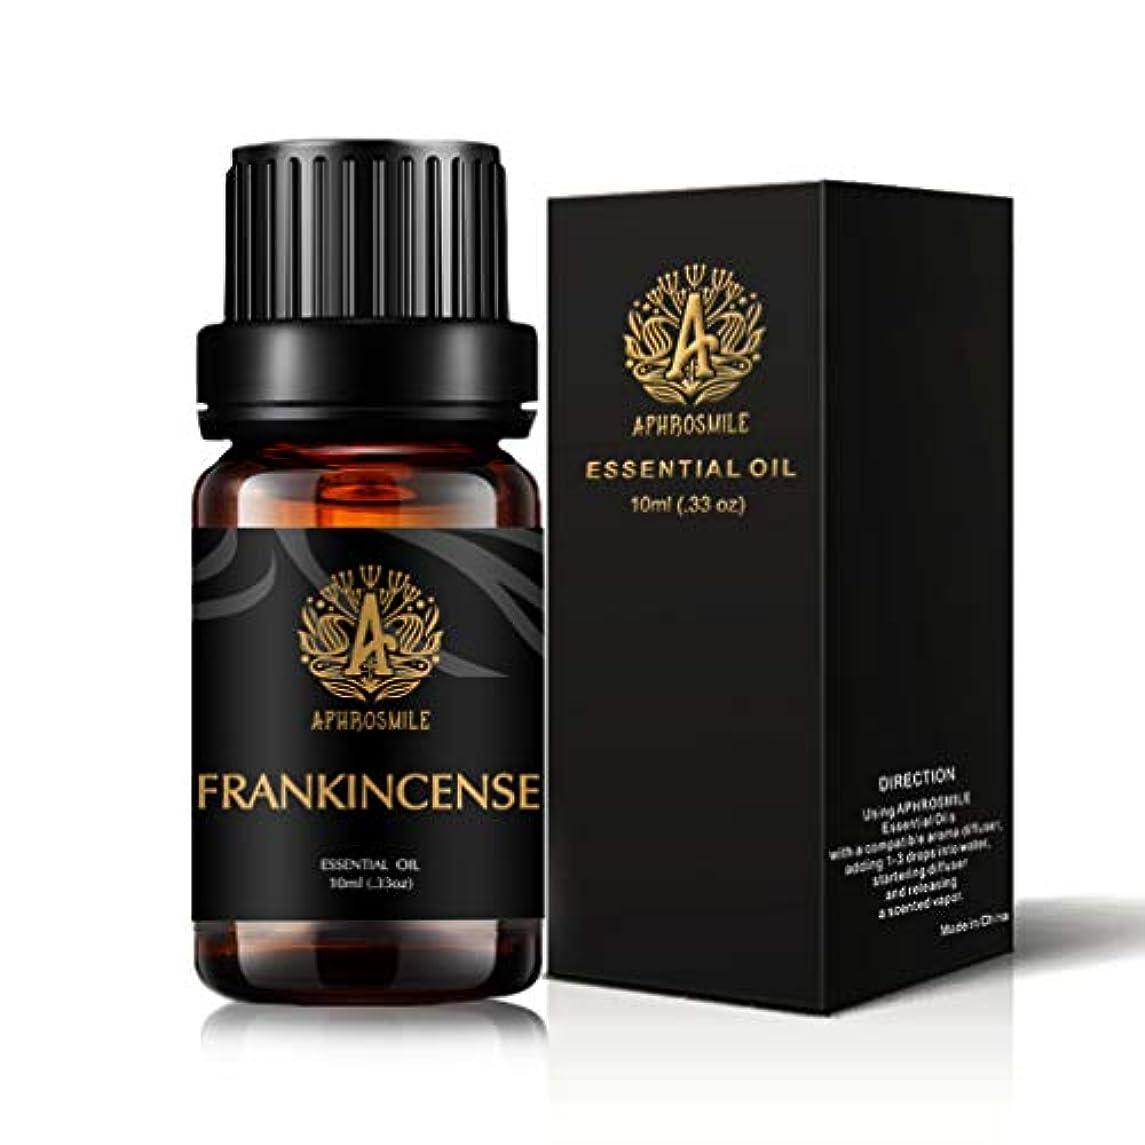 バナー気づかないベリーAphrosmile フランキン センス エッセンシャル オイル FDA 認定 100% ピュア フランキン センス オイル、有機治療グレードのアロマテラピー エッセンシャル オイル 10mL/0.33oz